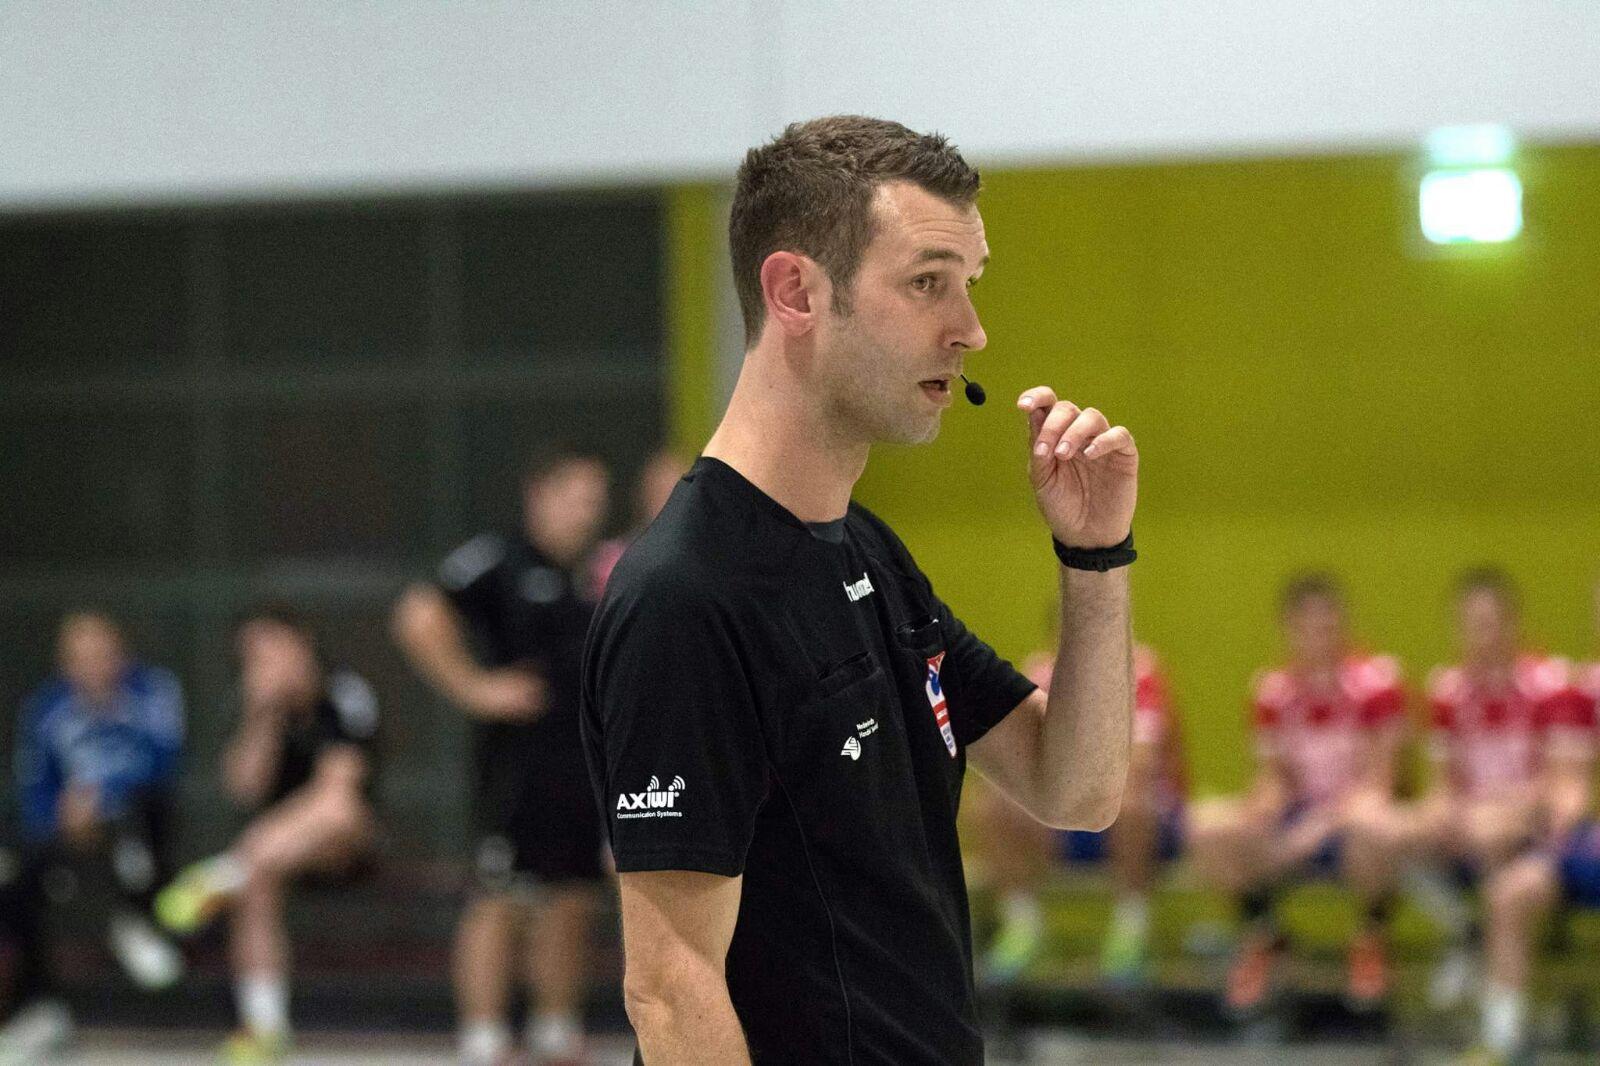 /drahtlos-kommunikationssystem-fur-handball-schiedsrichter